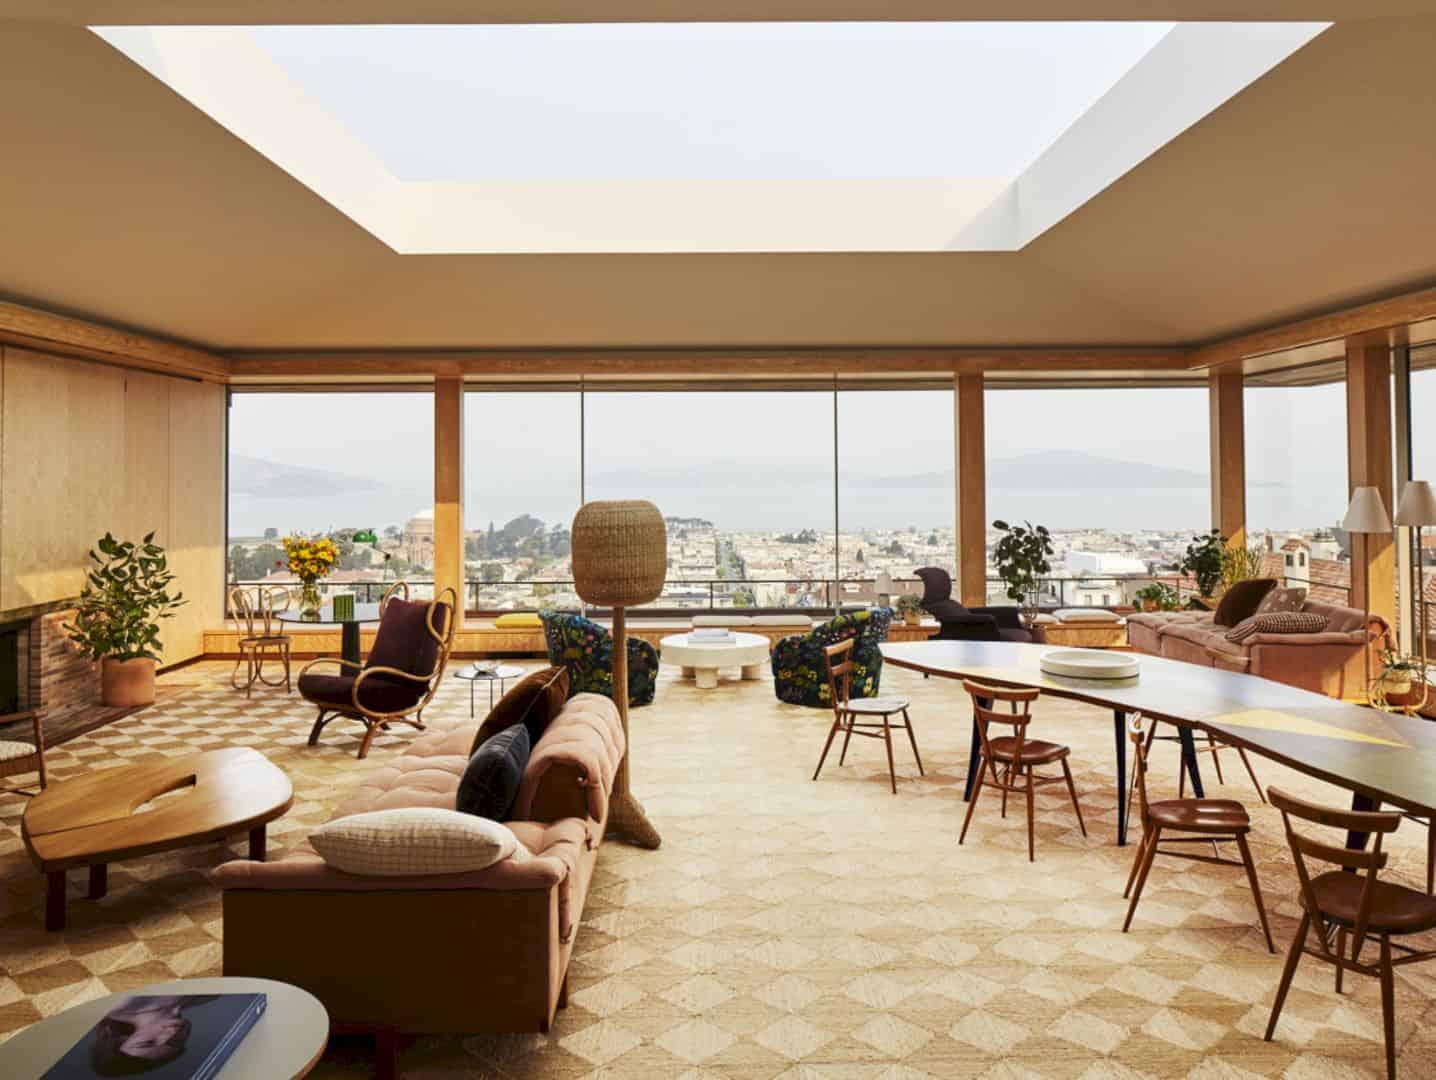 JACKSON HOUSE By Marmol Radziner Architecturer 10